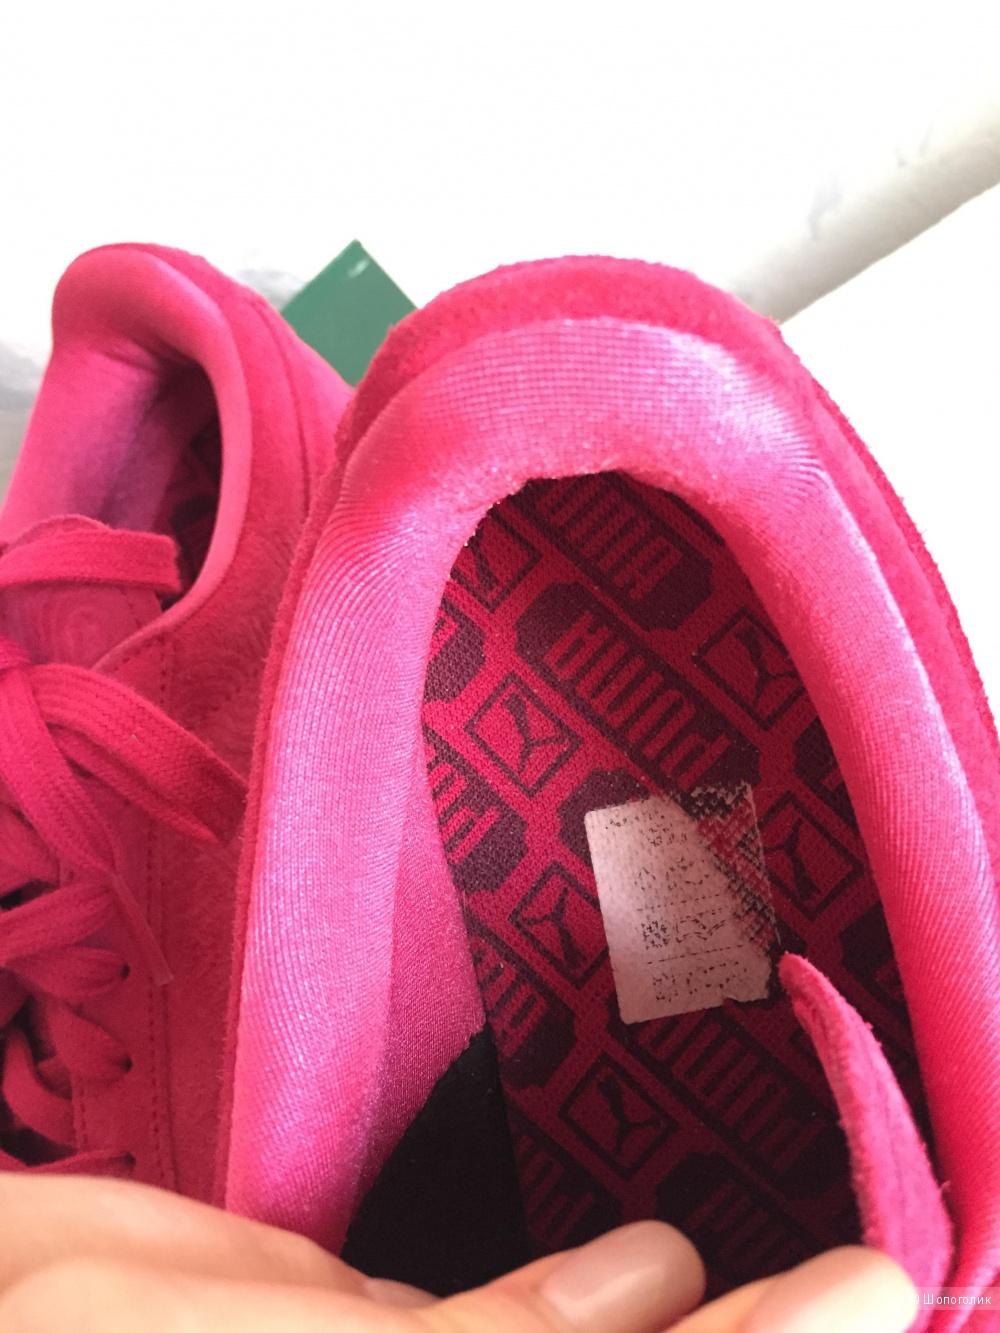 Кроссовки Puma, замшевые, 38eu, цвет-фуксия